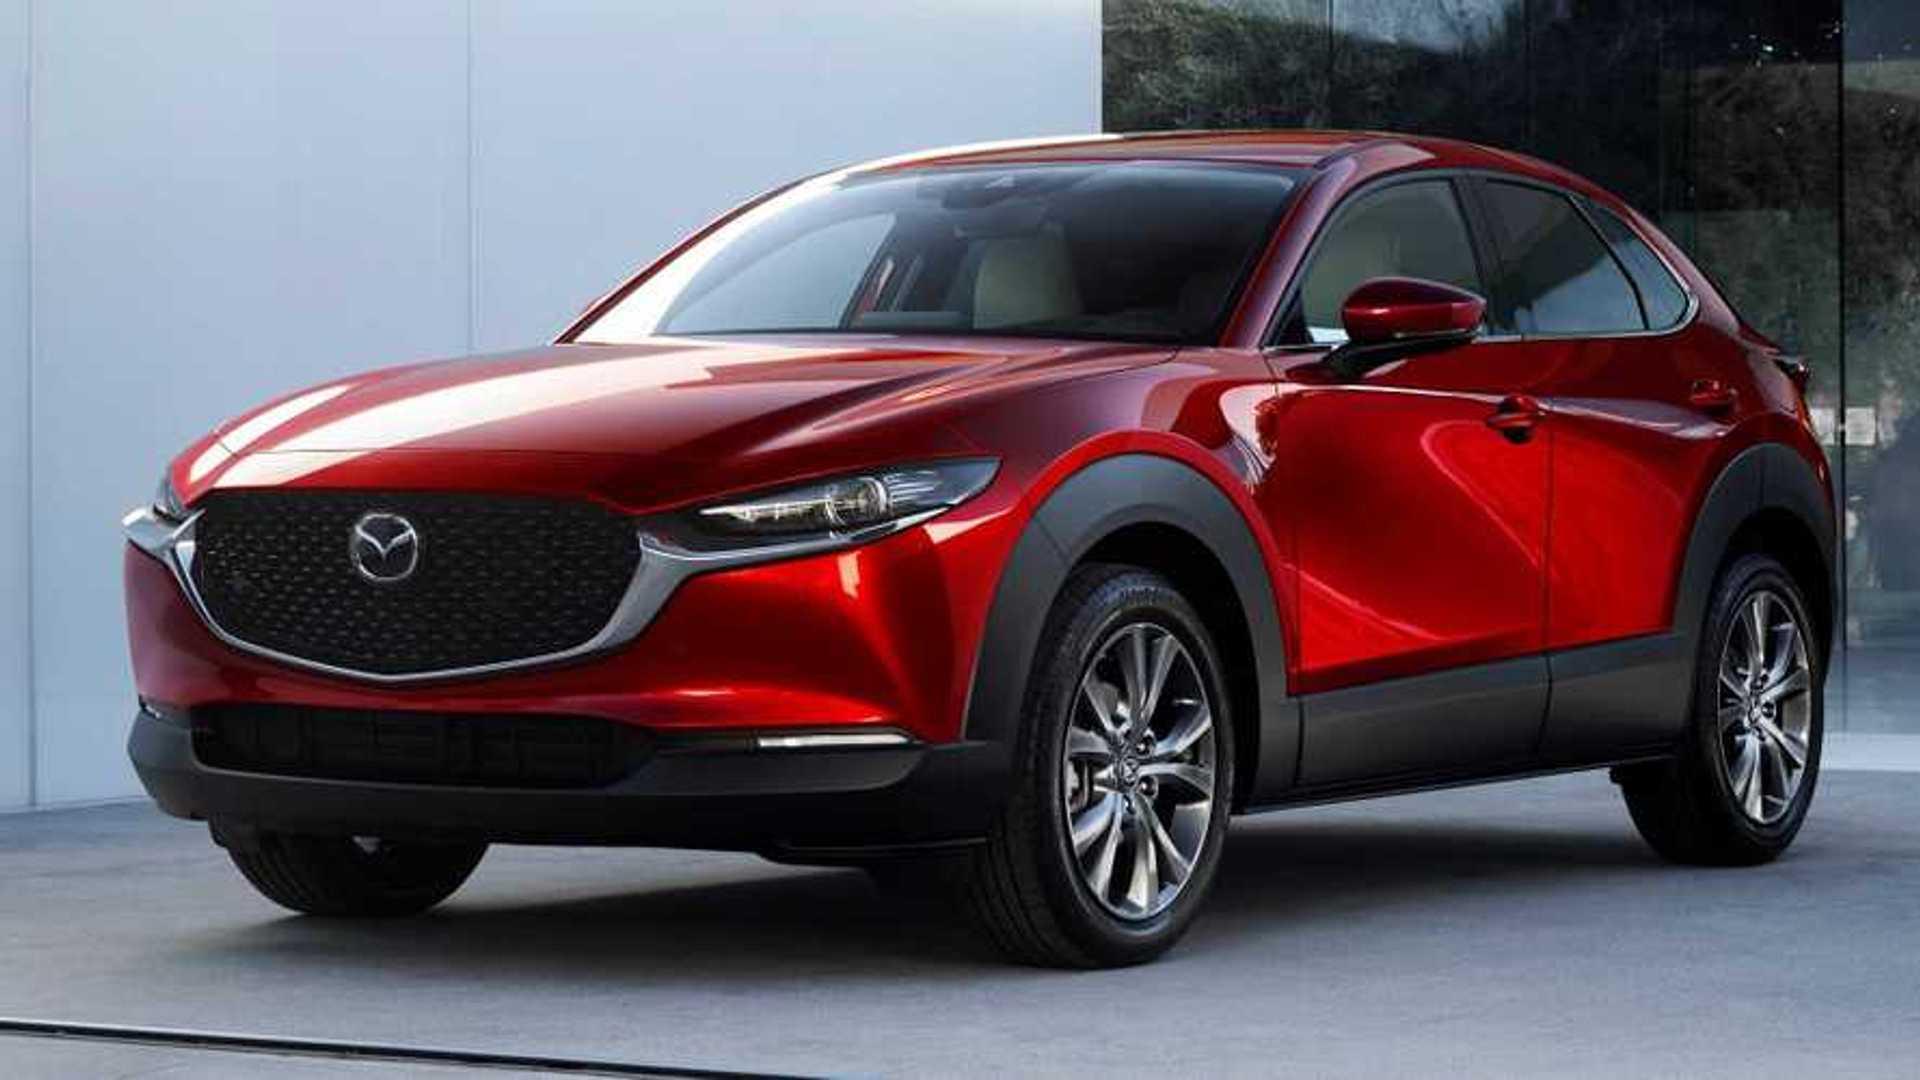 Mazda Announces CX-30 And Updated CX-5, CX-9 For LA Auto Show